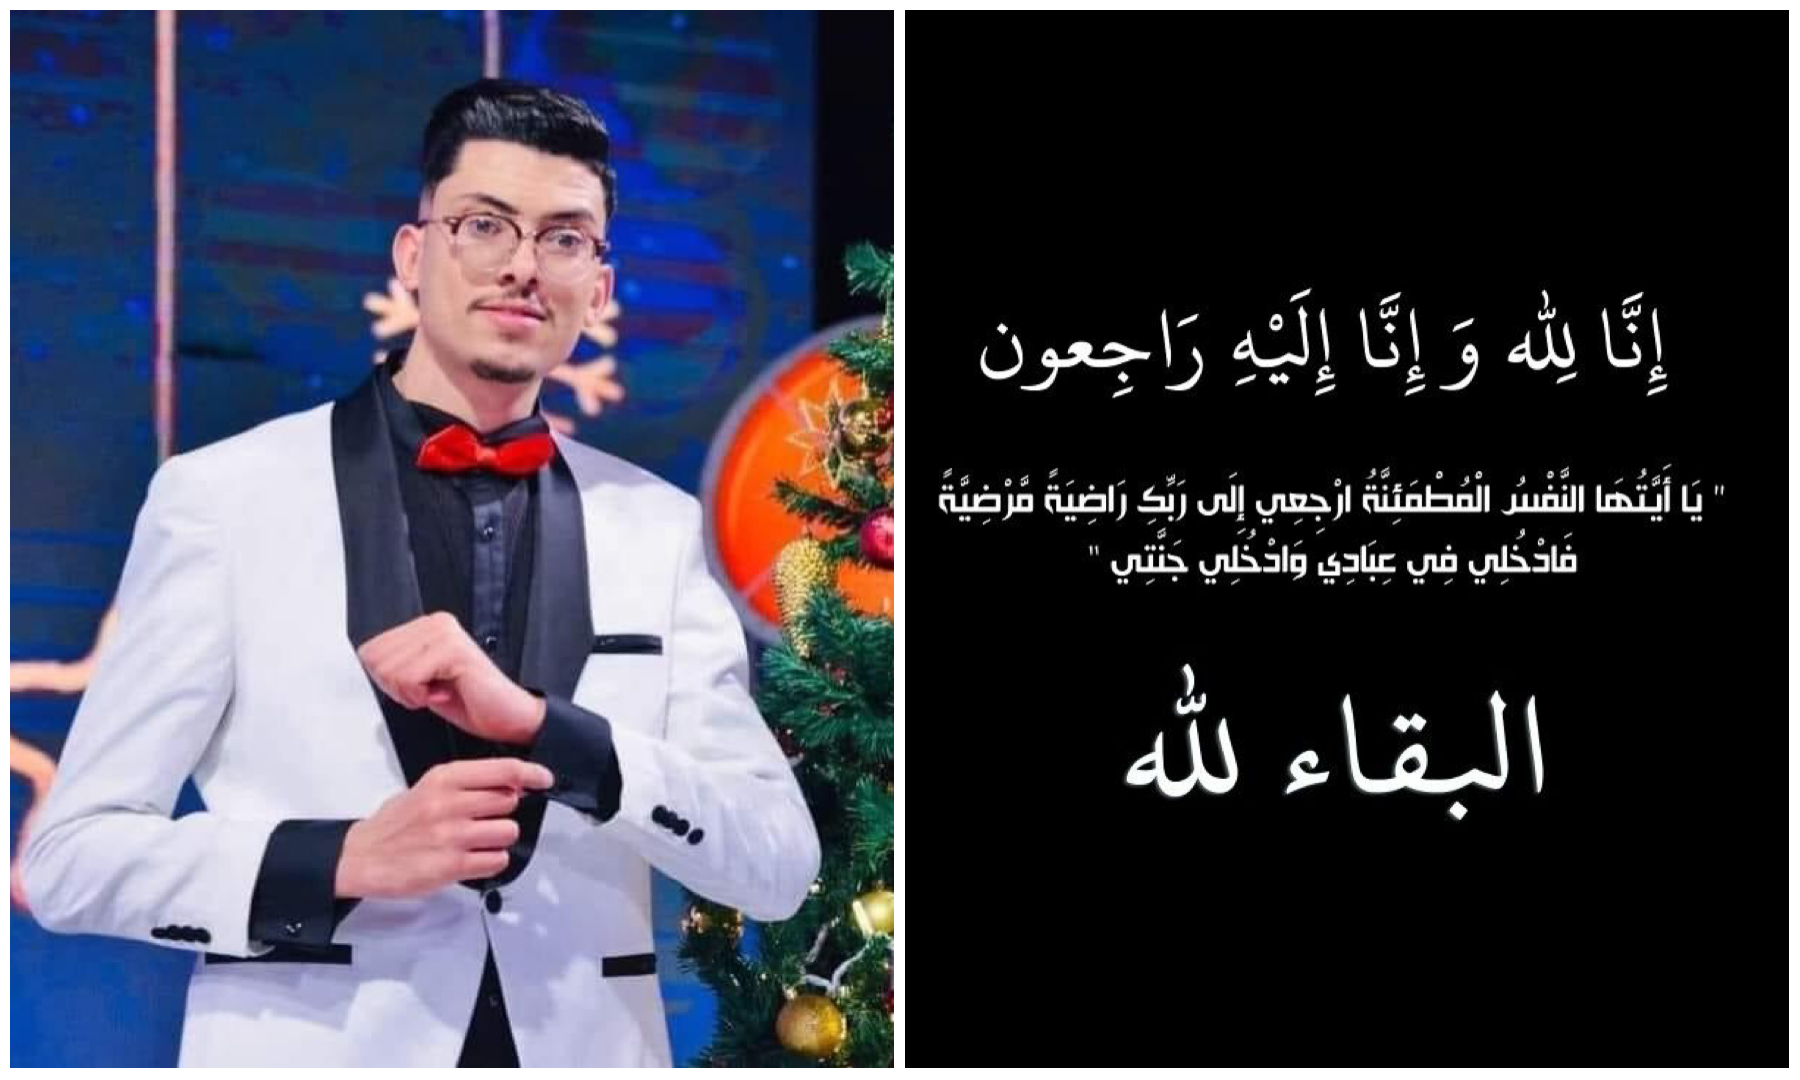 عاجل : وفاة الكوميدي ريان الكشباطي إثر حادث مرور